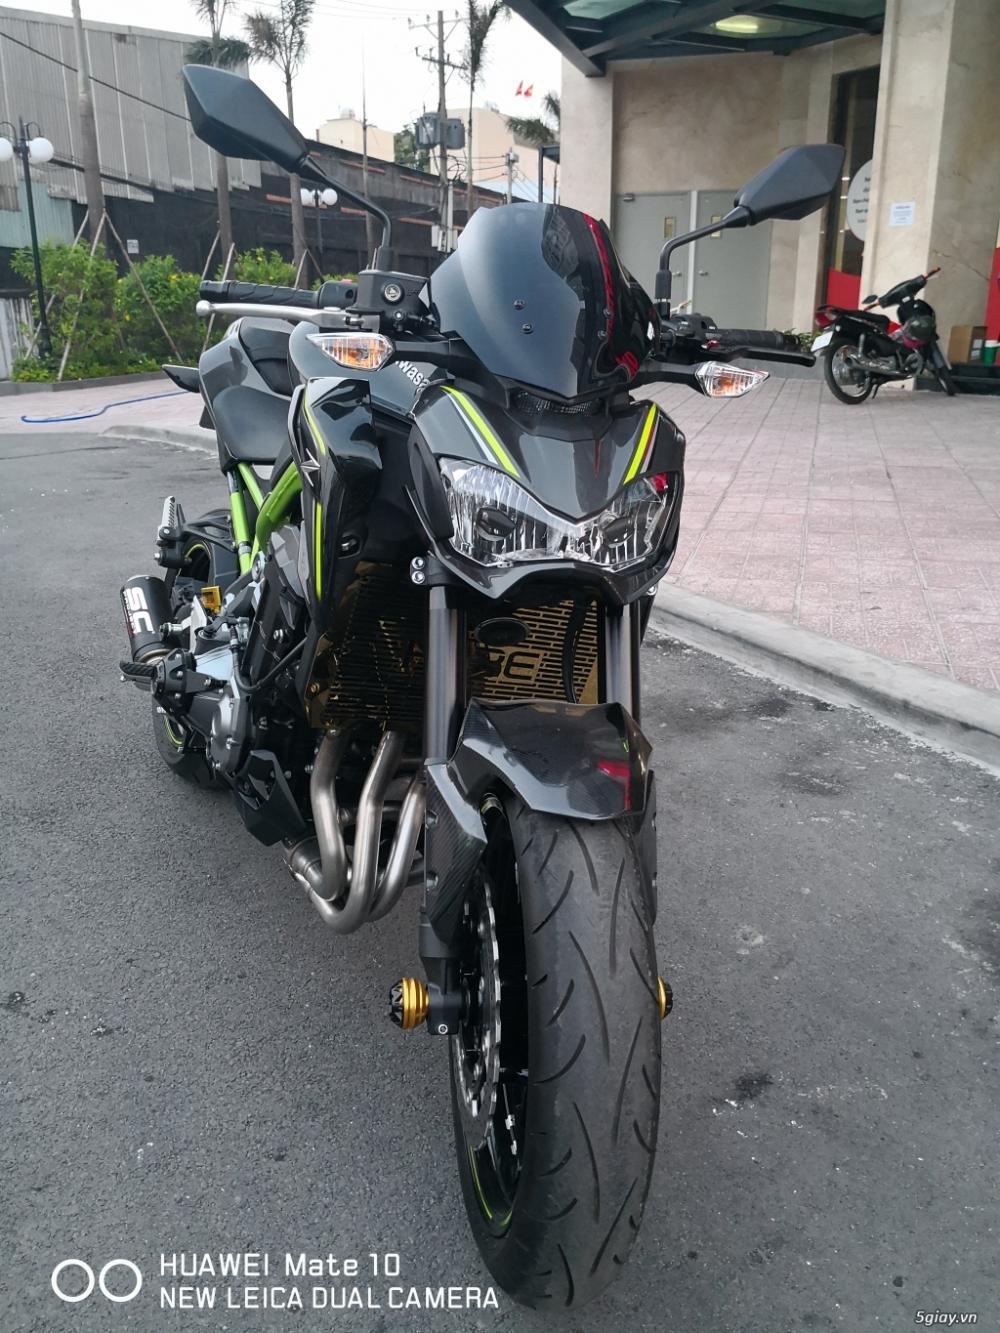 Kawasaki Z900 Bien So Dep Nhat Sai Gon - 3